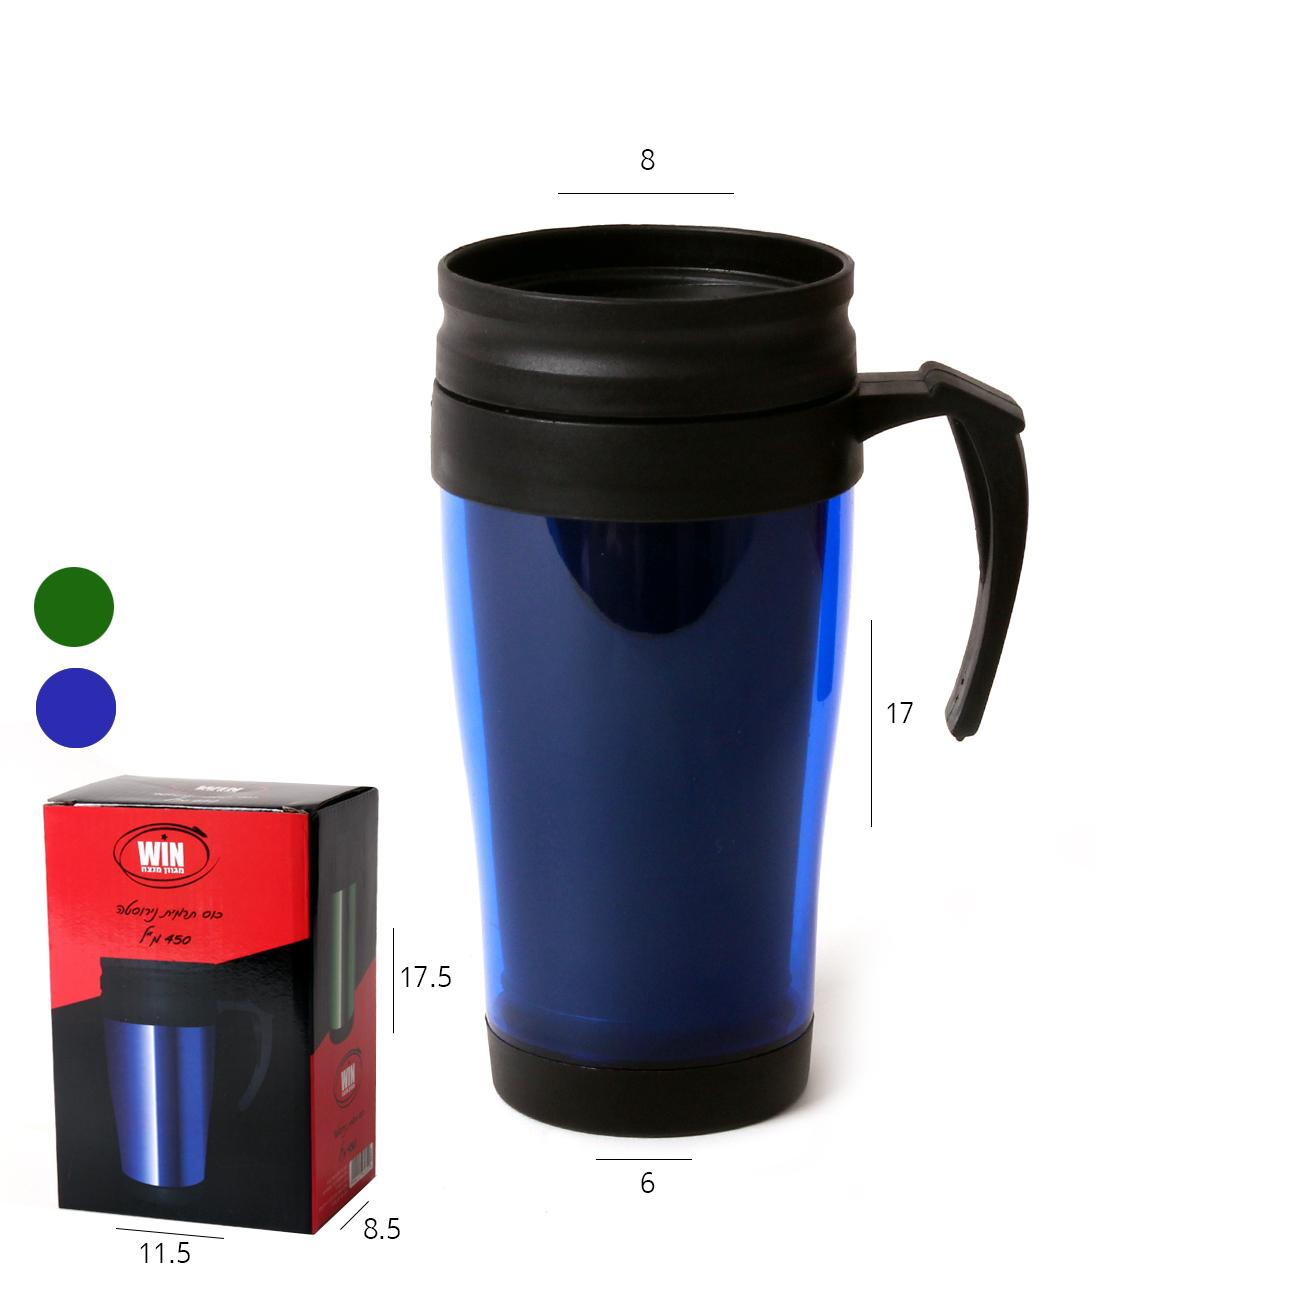 כוס תרמית גבוהה הולוגרמה עם ידית